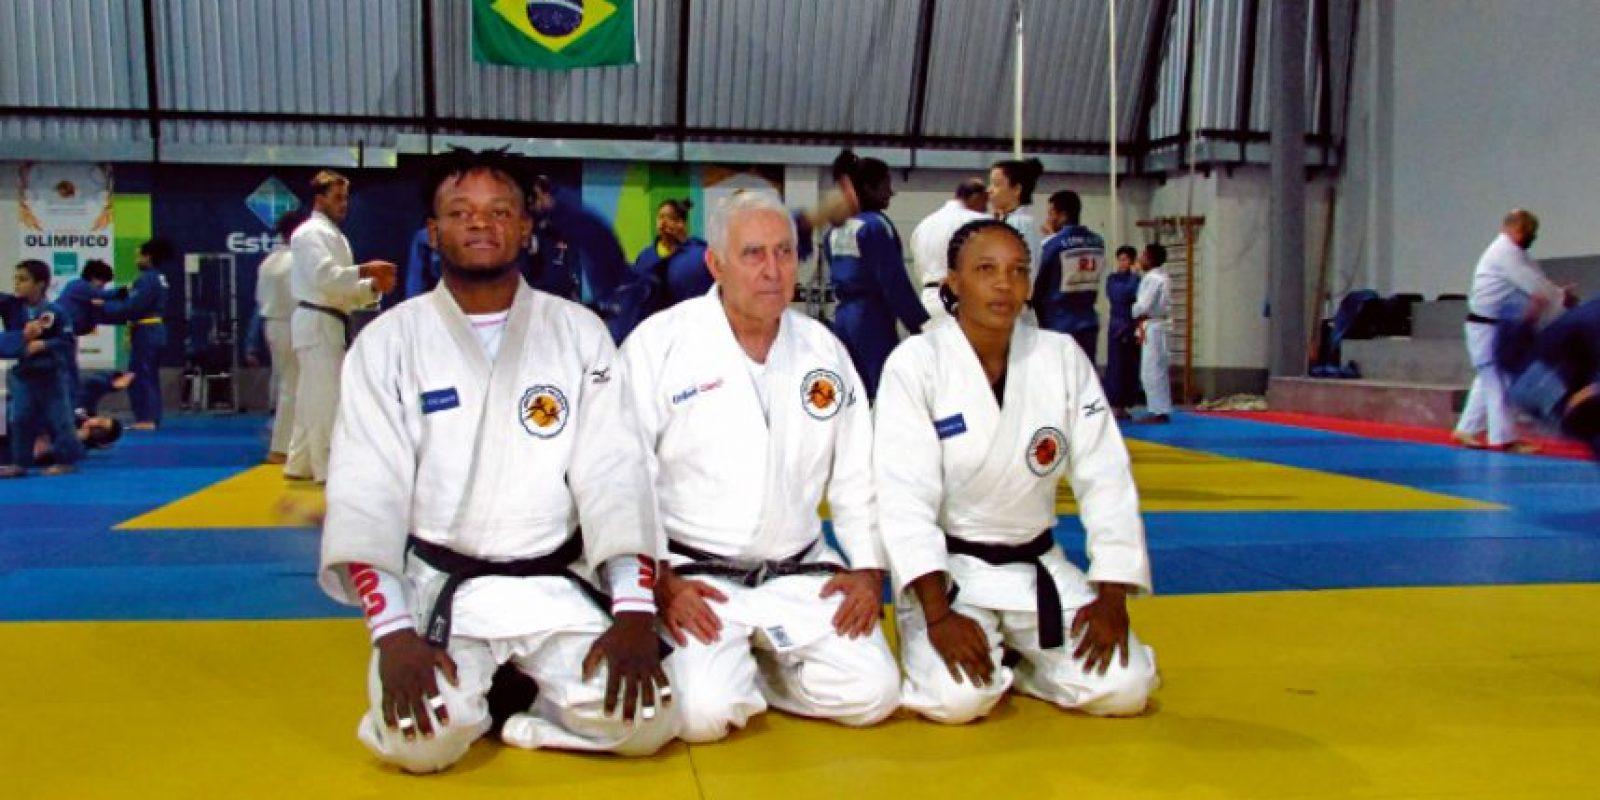 Popole, el sensei Geraldo Bernardes y Yolande en el Instituto Reação Foto:Fuente Externa